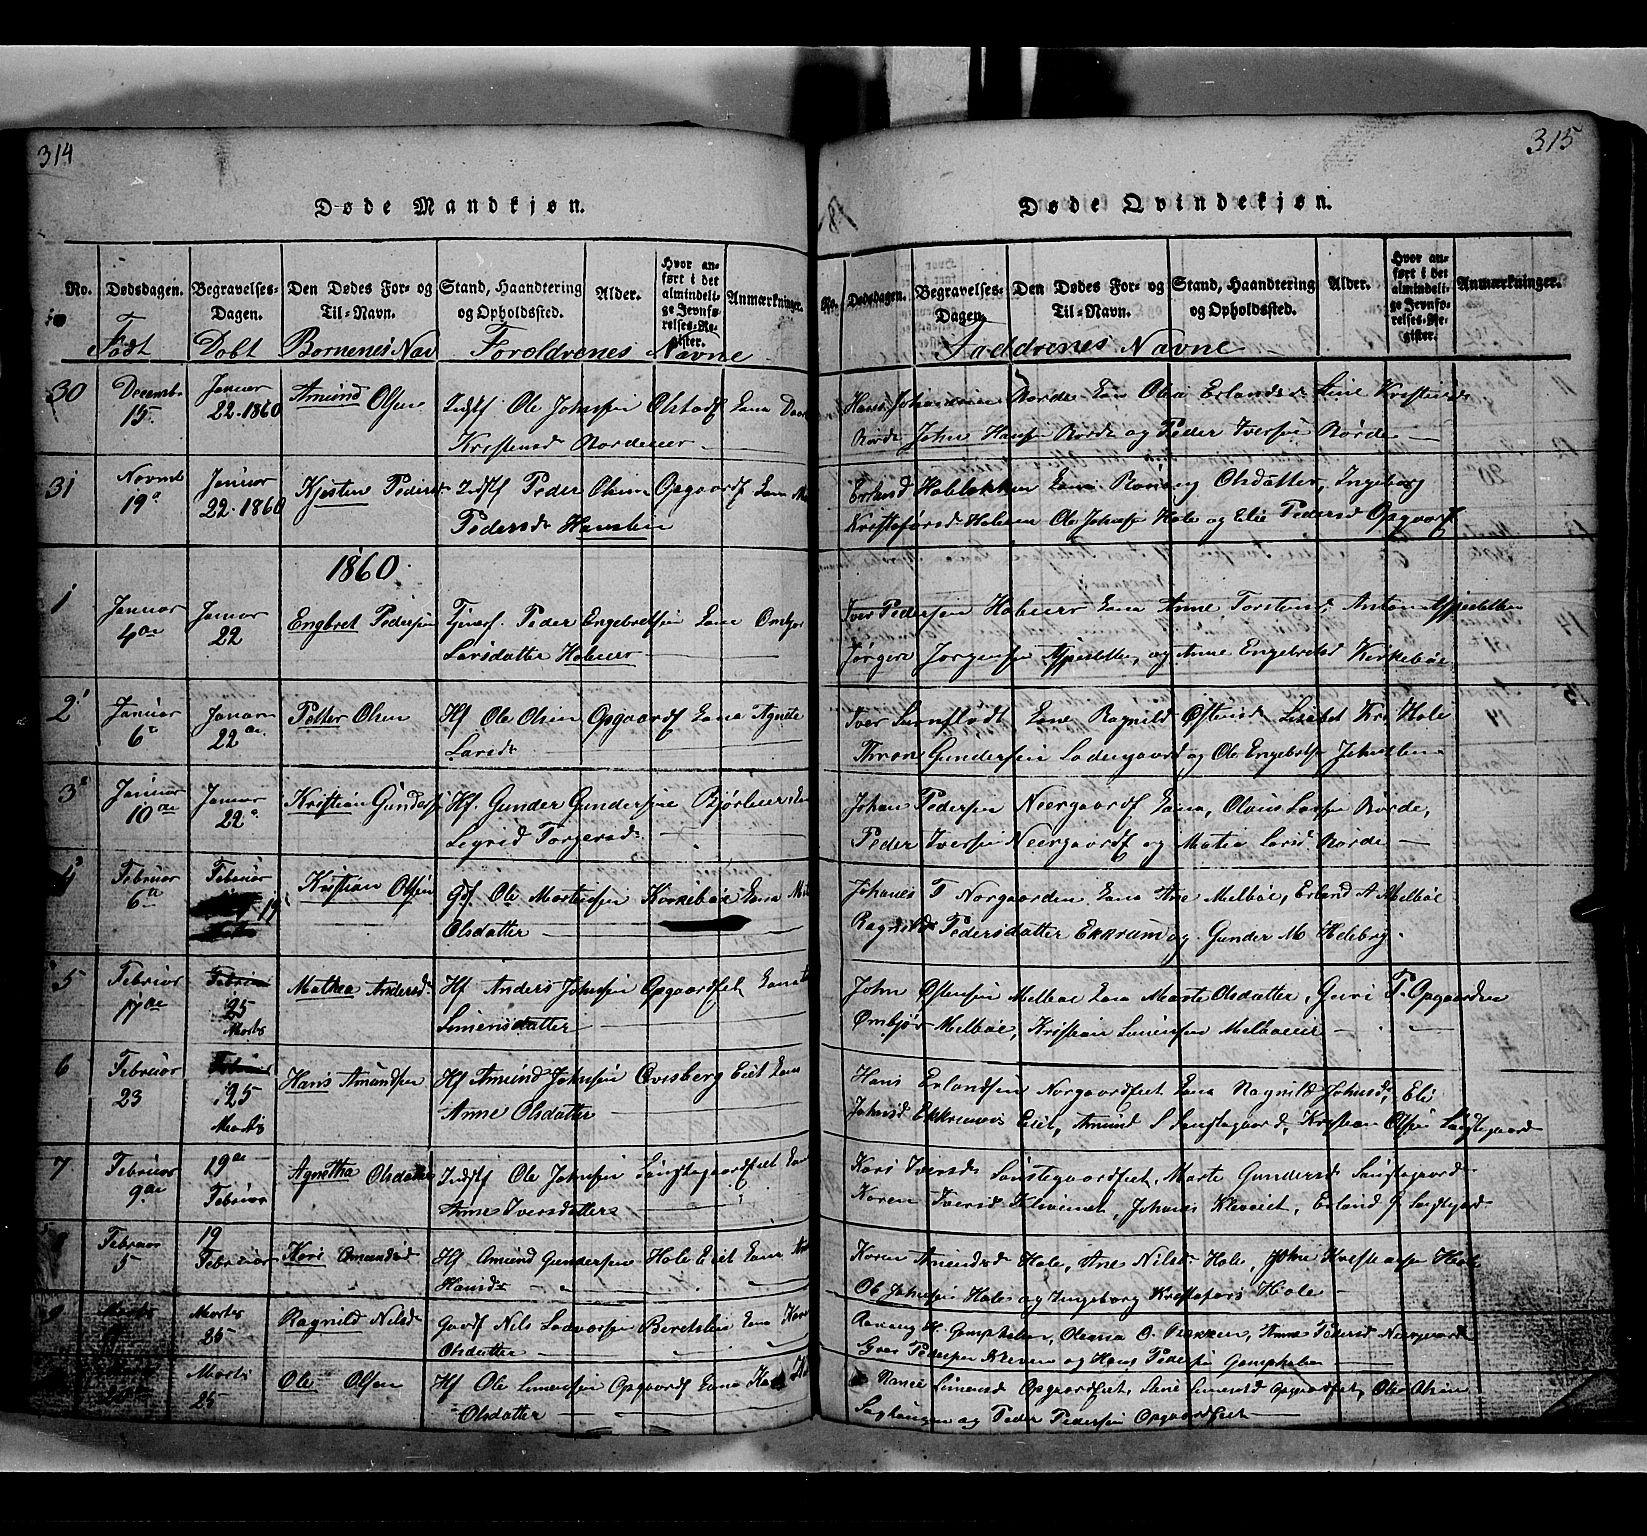 SAH, Gausdal prestekontor, Klokkerbok nr. 2, 1818-1874, s. 314-315